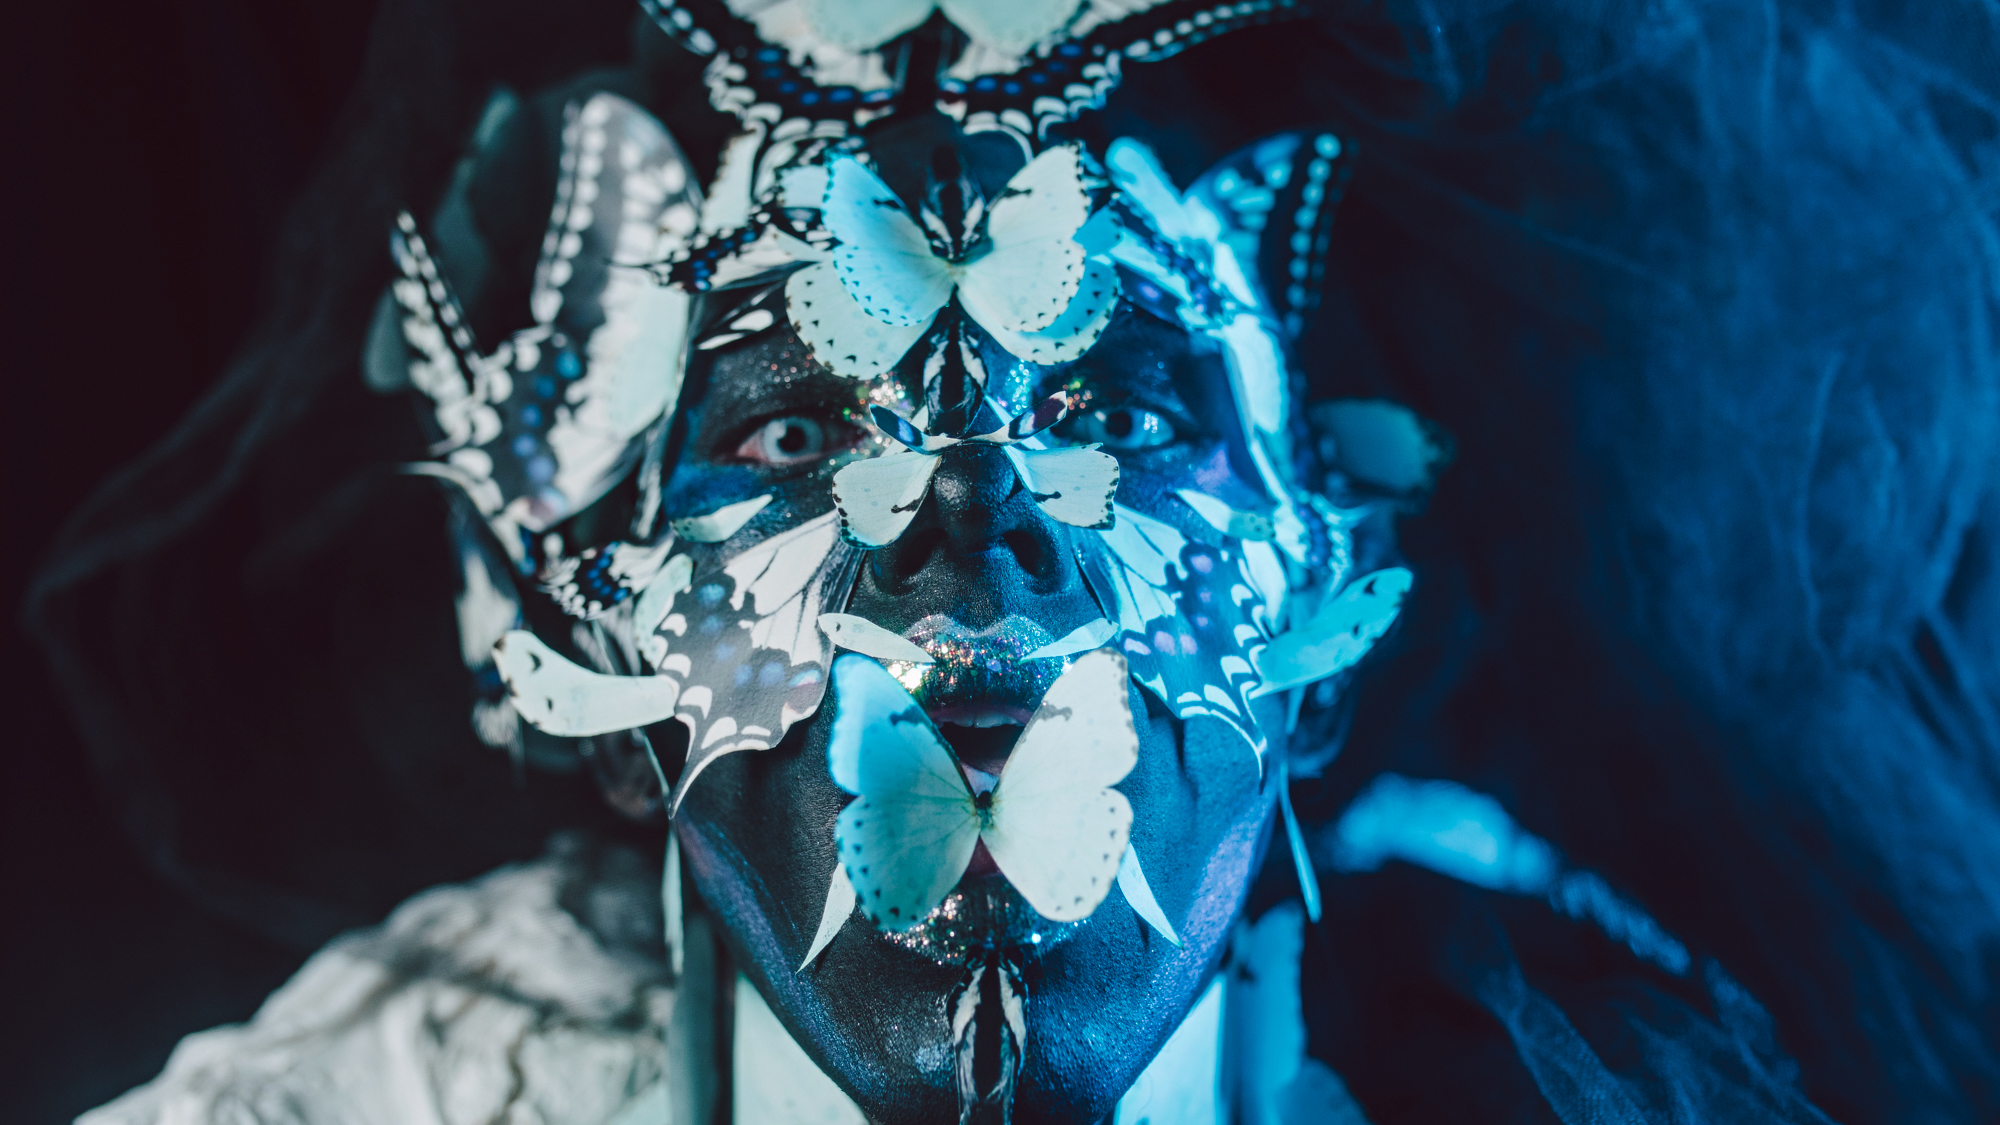 Escuridão, pausa, noite, cura. Jaci, deusa lua tupi, guia a jornada. Psiquê, personificação da alma, borboleta em metamorfoso. Escuro, ego, transformação.